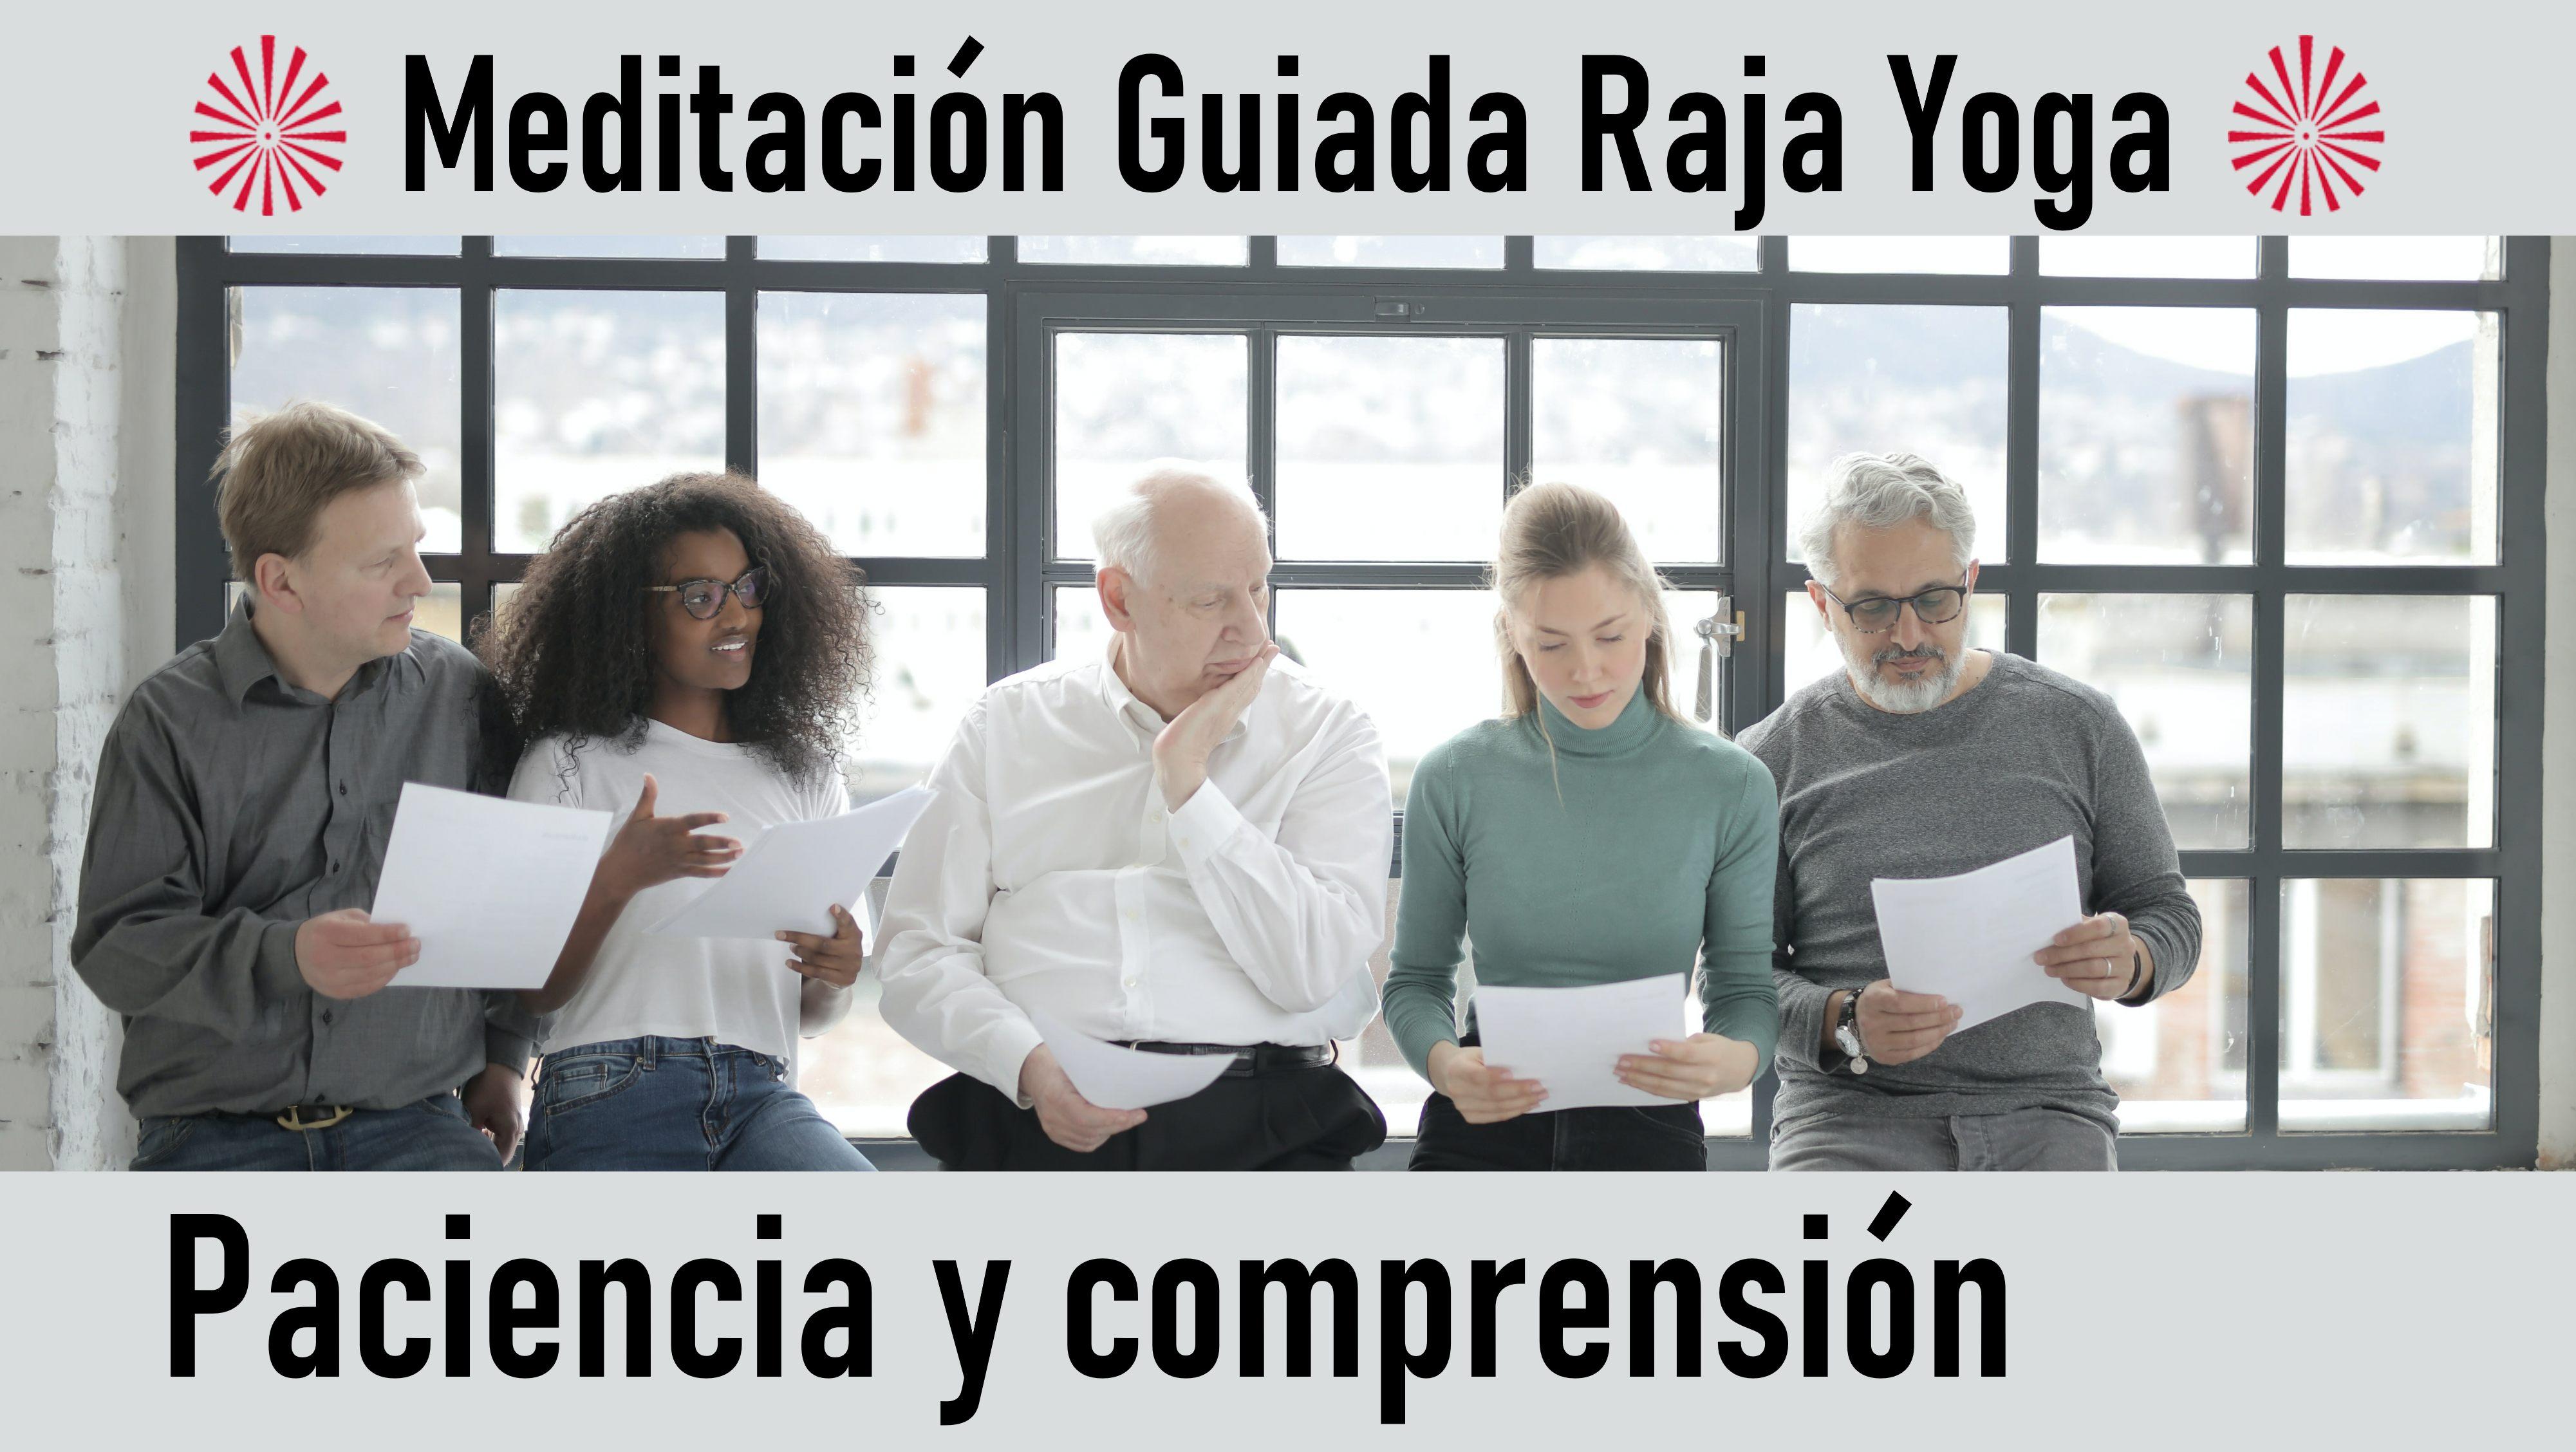 Meditación Raja Yoga: Paciencia y comprensión (1 Octubre 2020) On-line desde Madrid